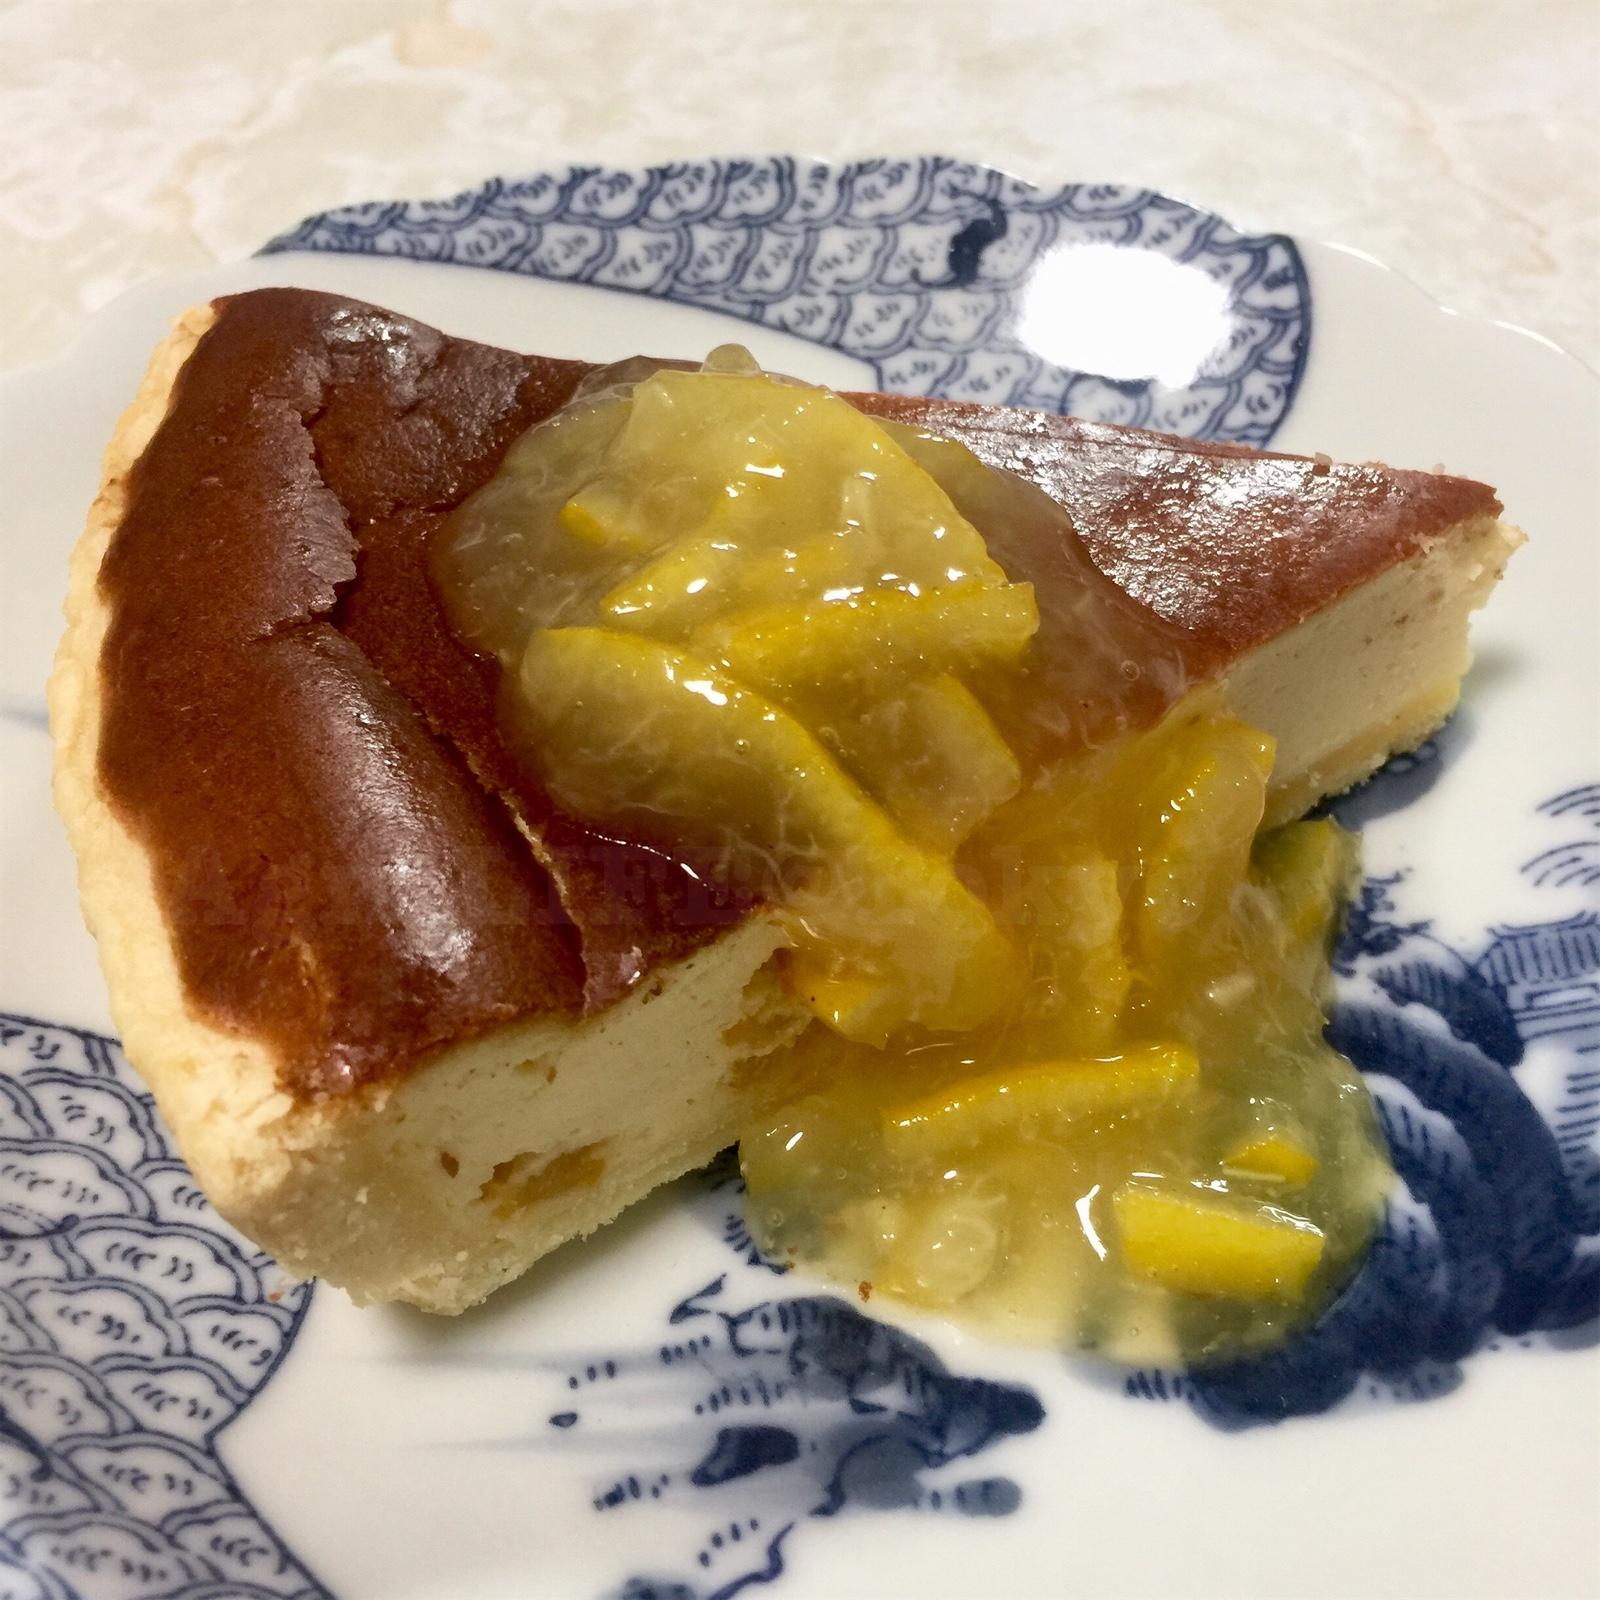 柚子×ベイクドチーズケーキ《柚子塩フレーバーで甘さ控えめ》2020版メモ